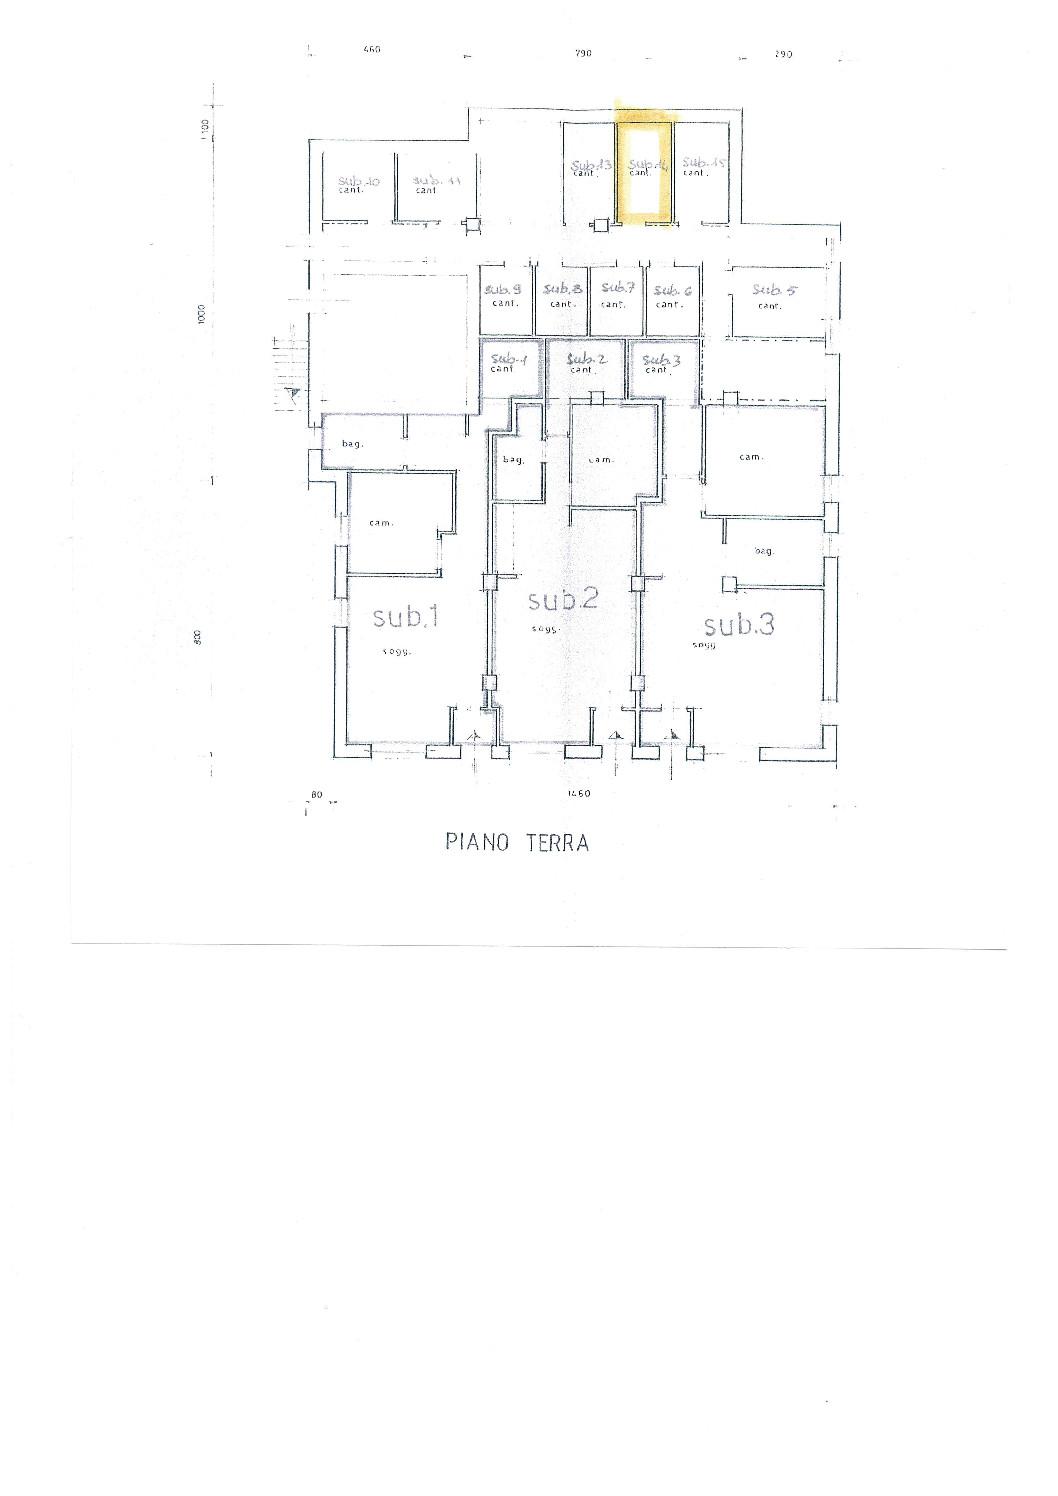 Immobiliare Abita planimetria cantina